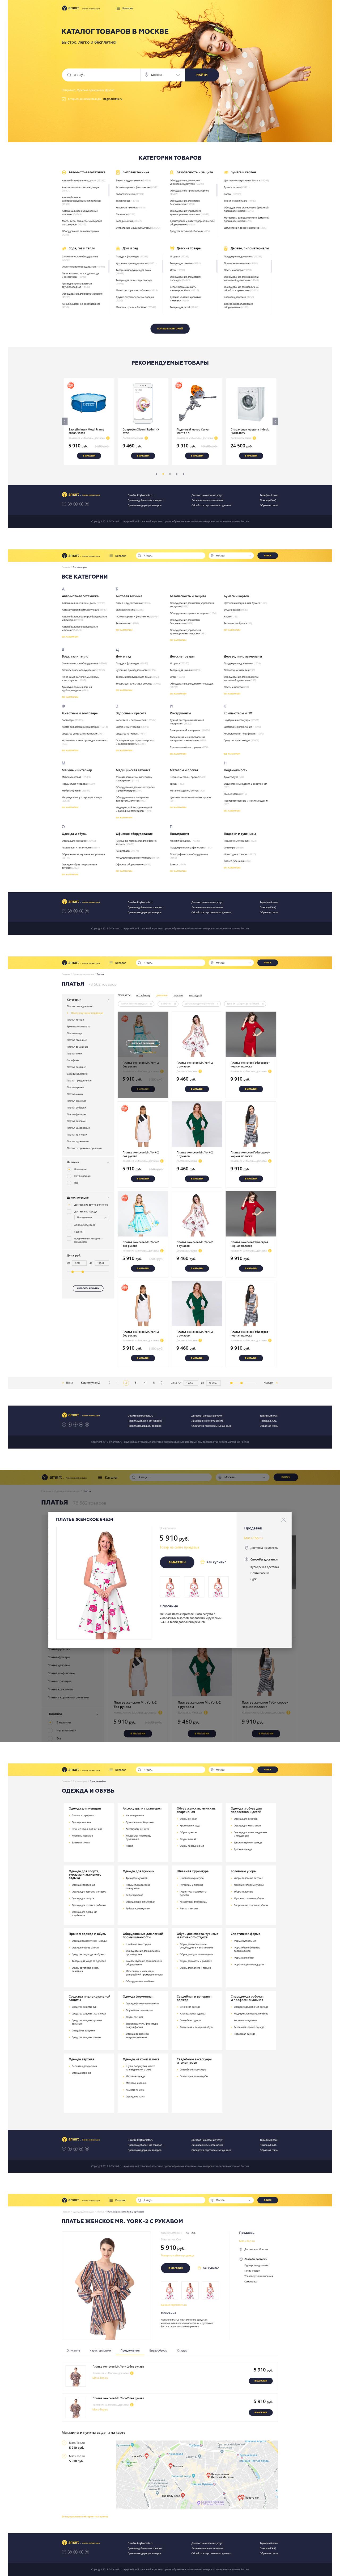 Адаптивный дизайн агрегатора (каталог интернет-магазинов) Yamart